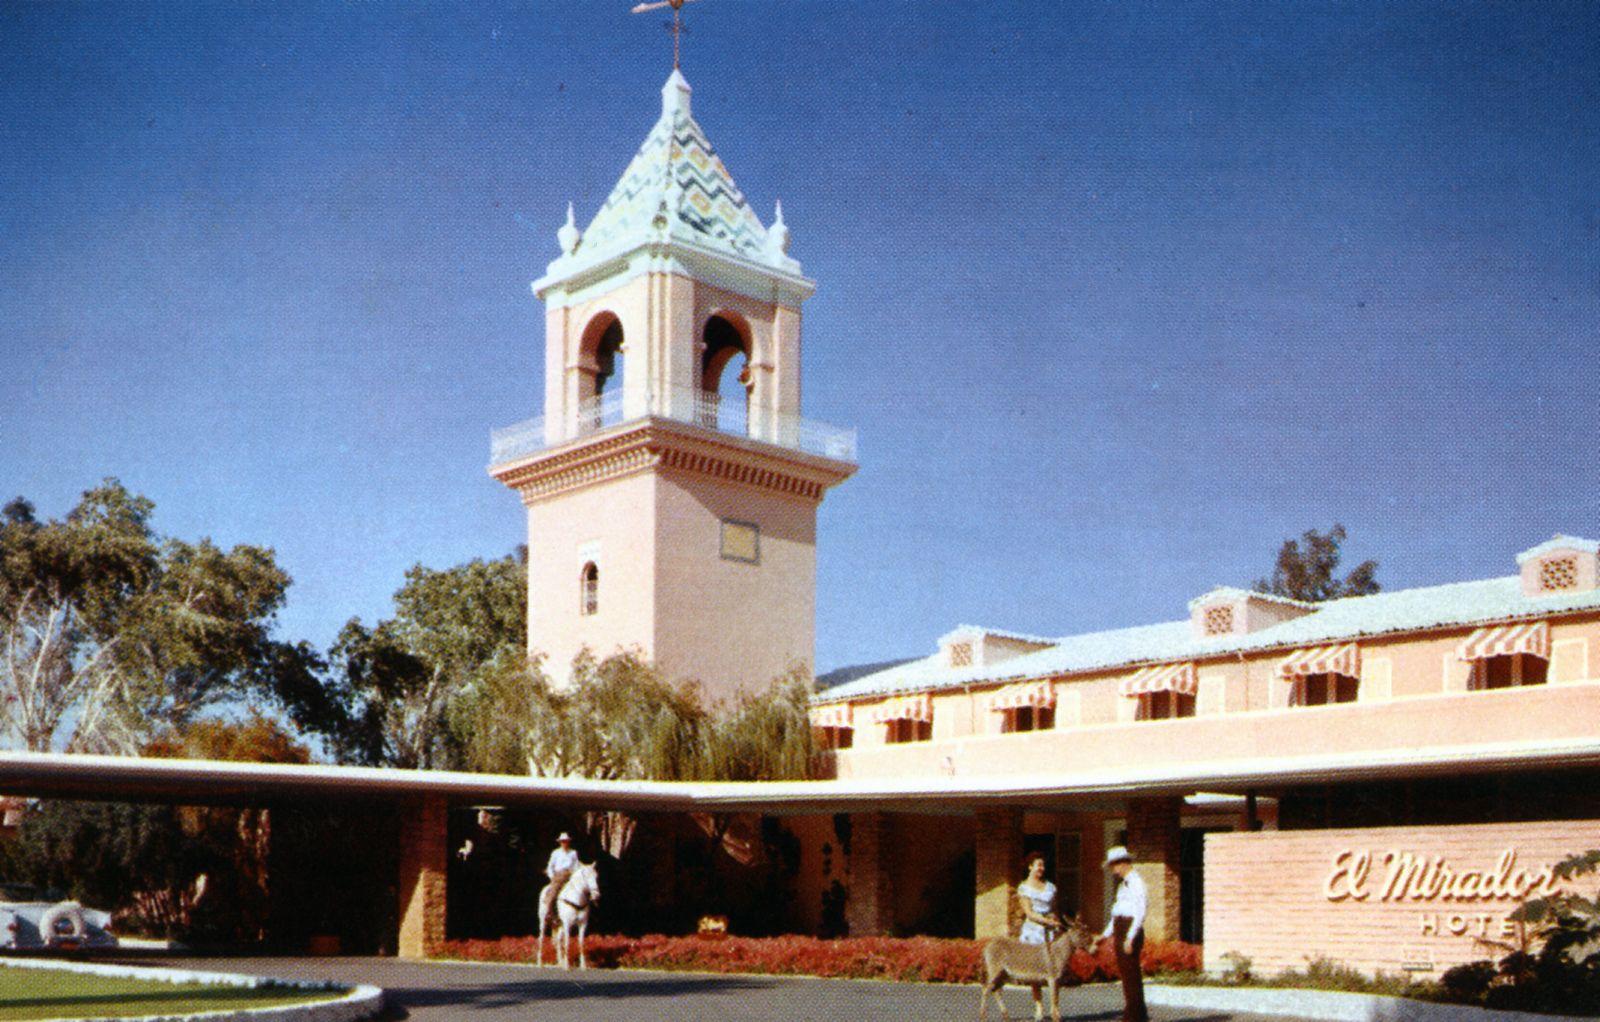 El Mirador Hotel Palm Springs